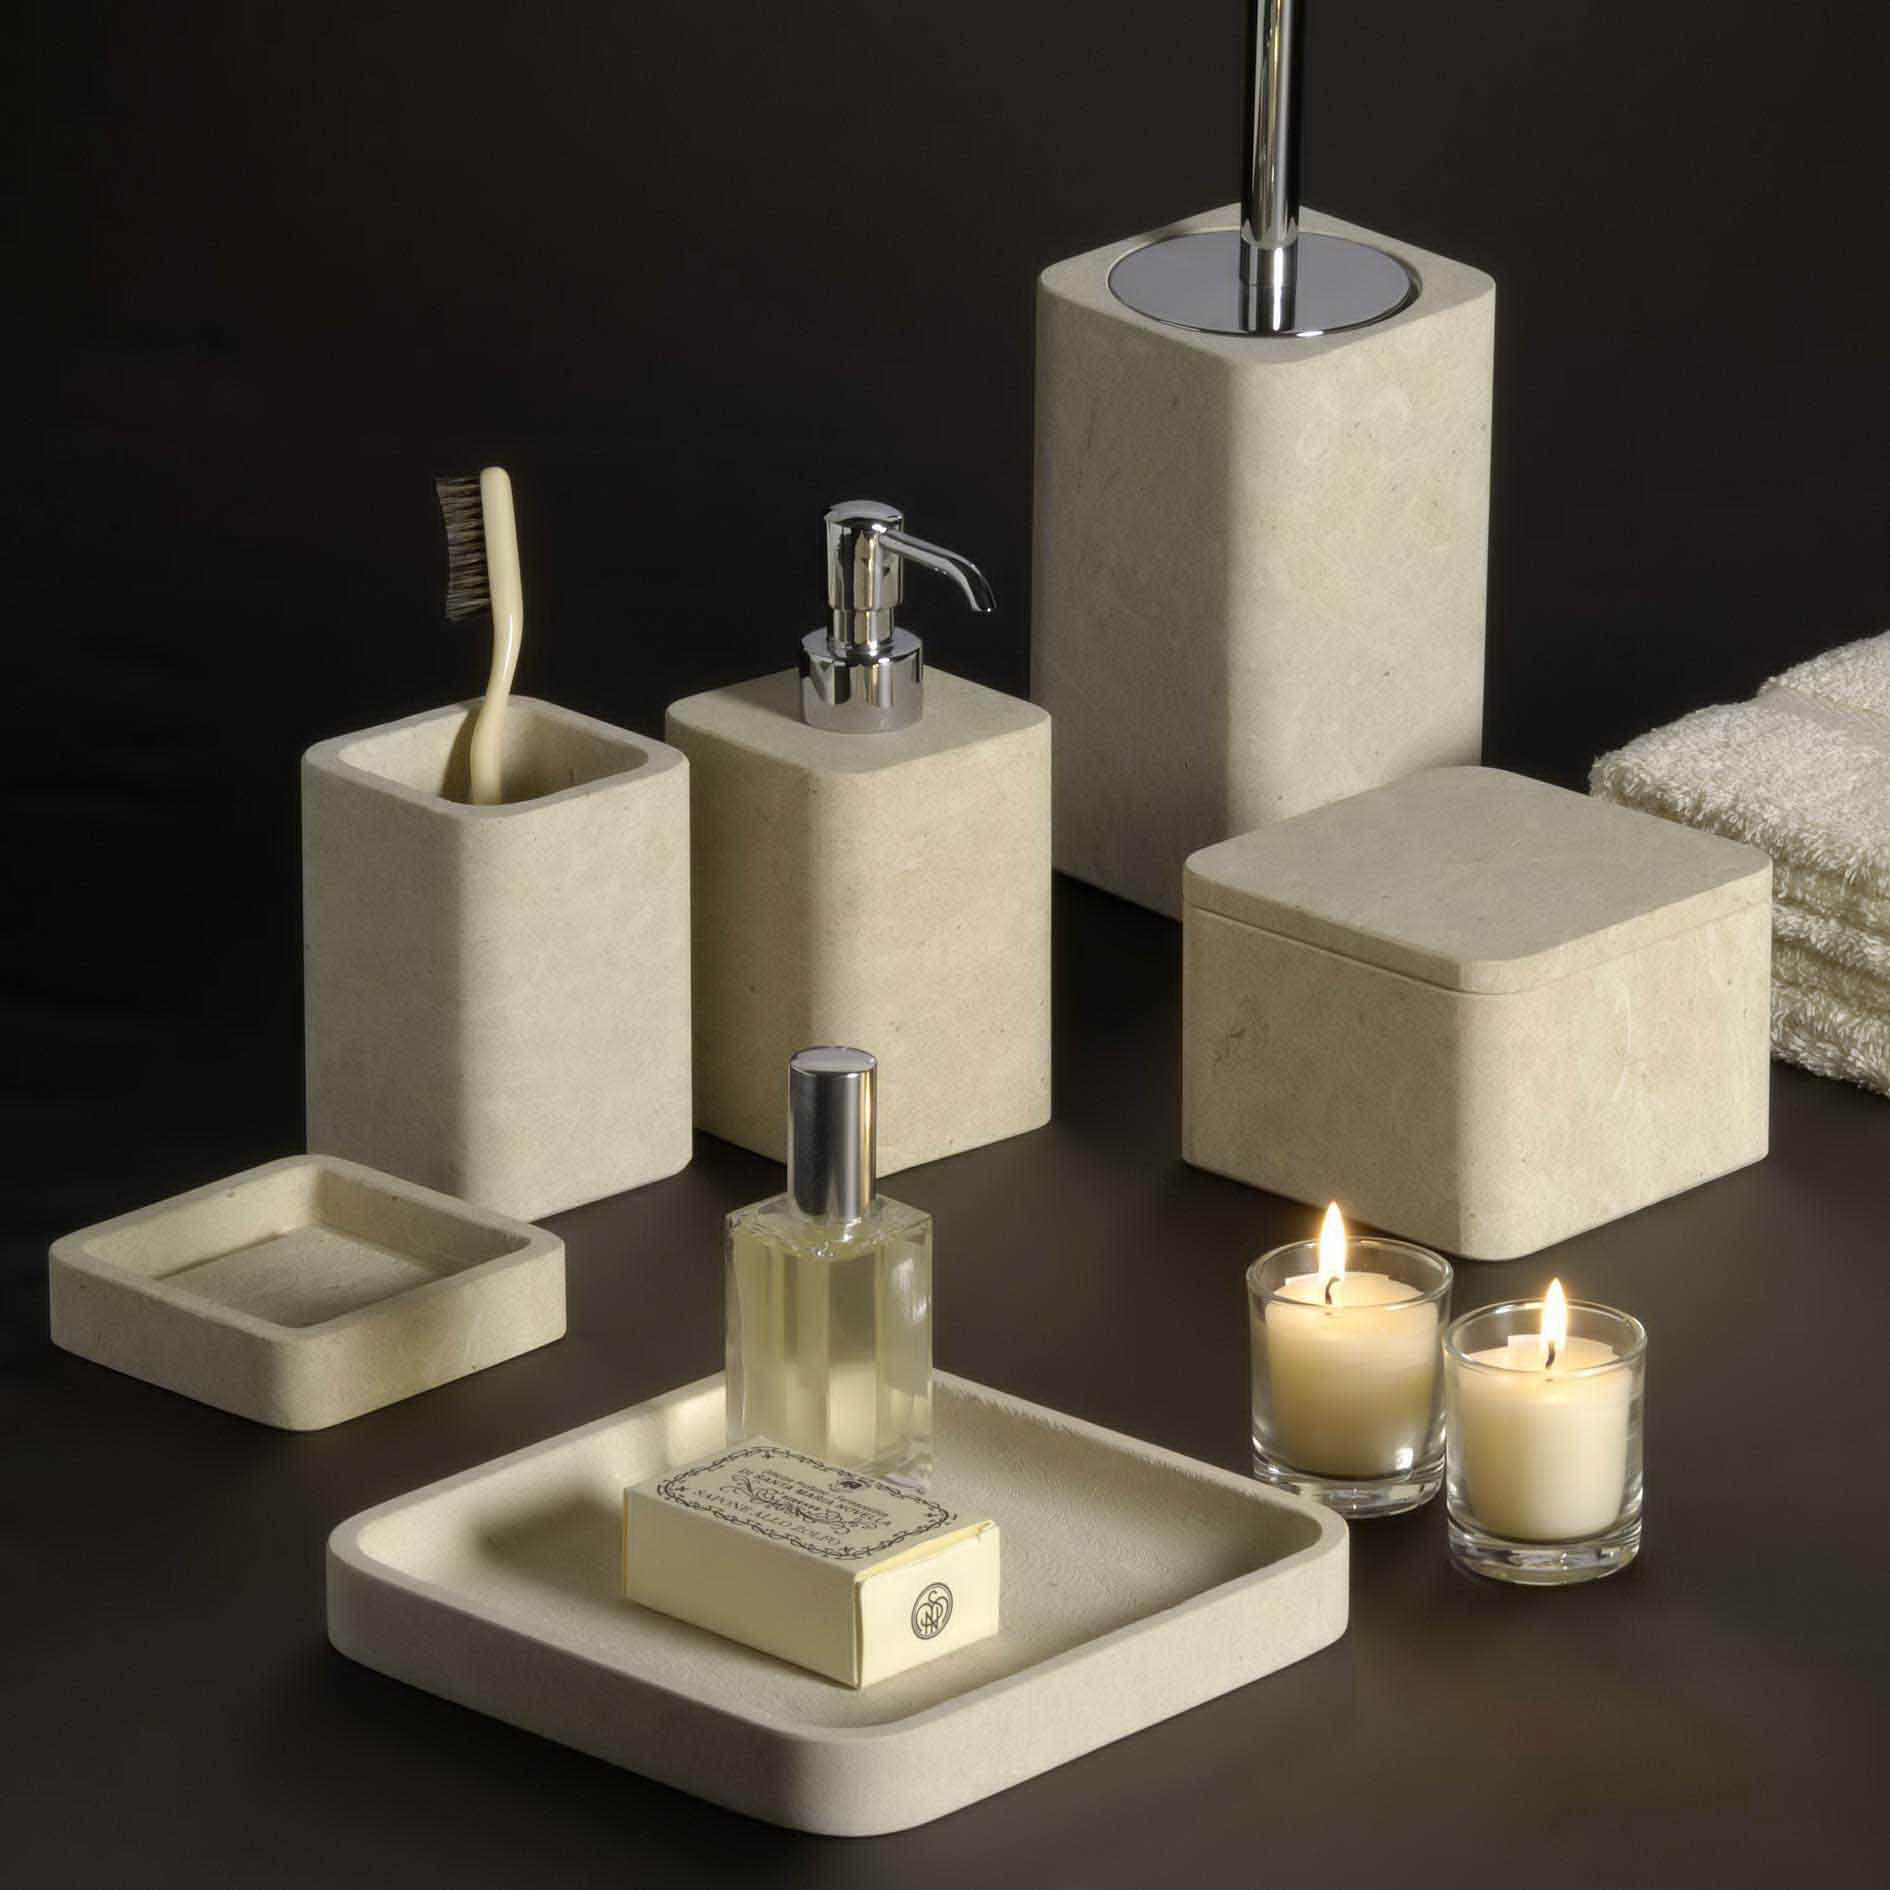 Accessoires Pour Salle De Bain Design ~ /phpthumb/watermarks/